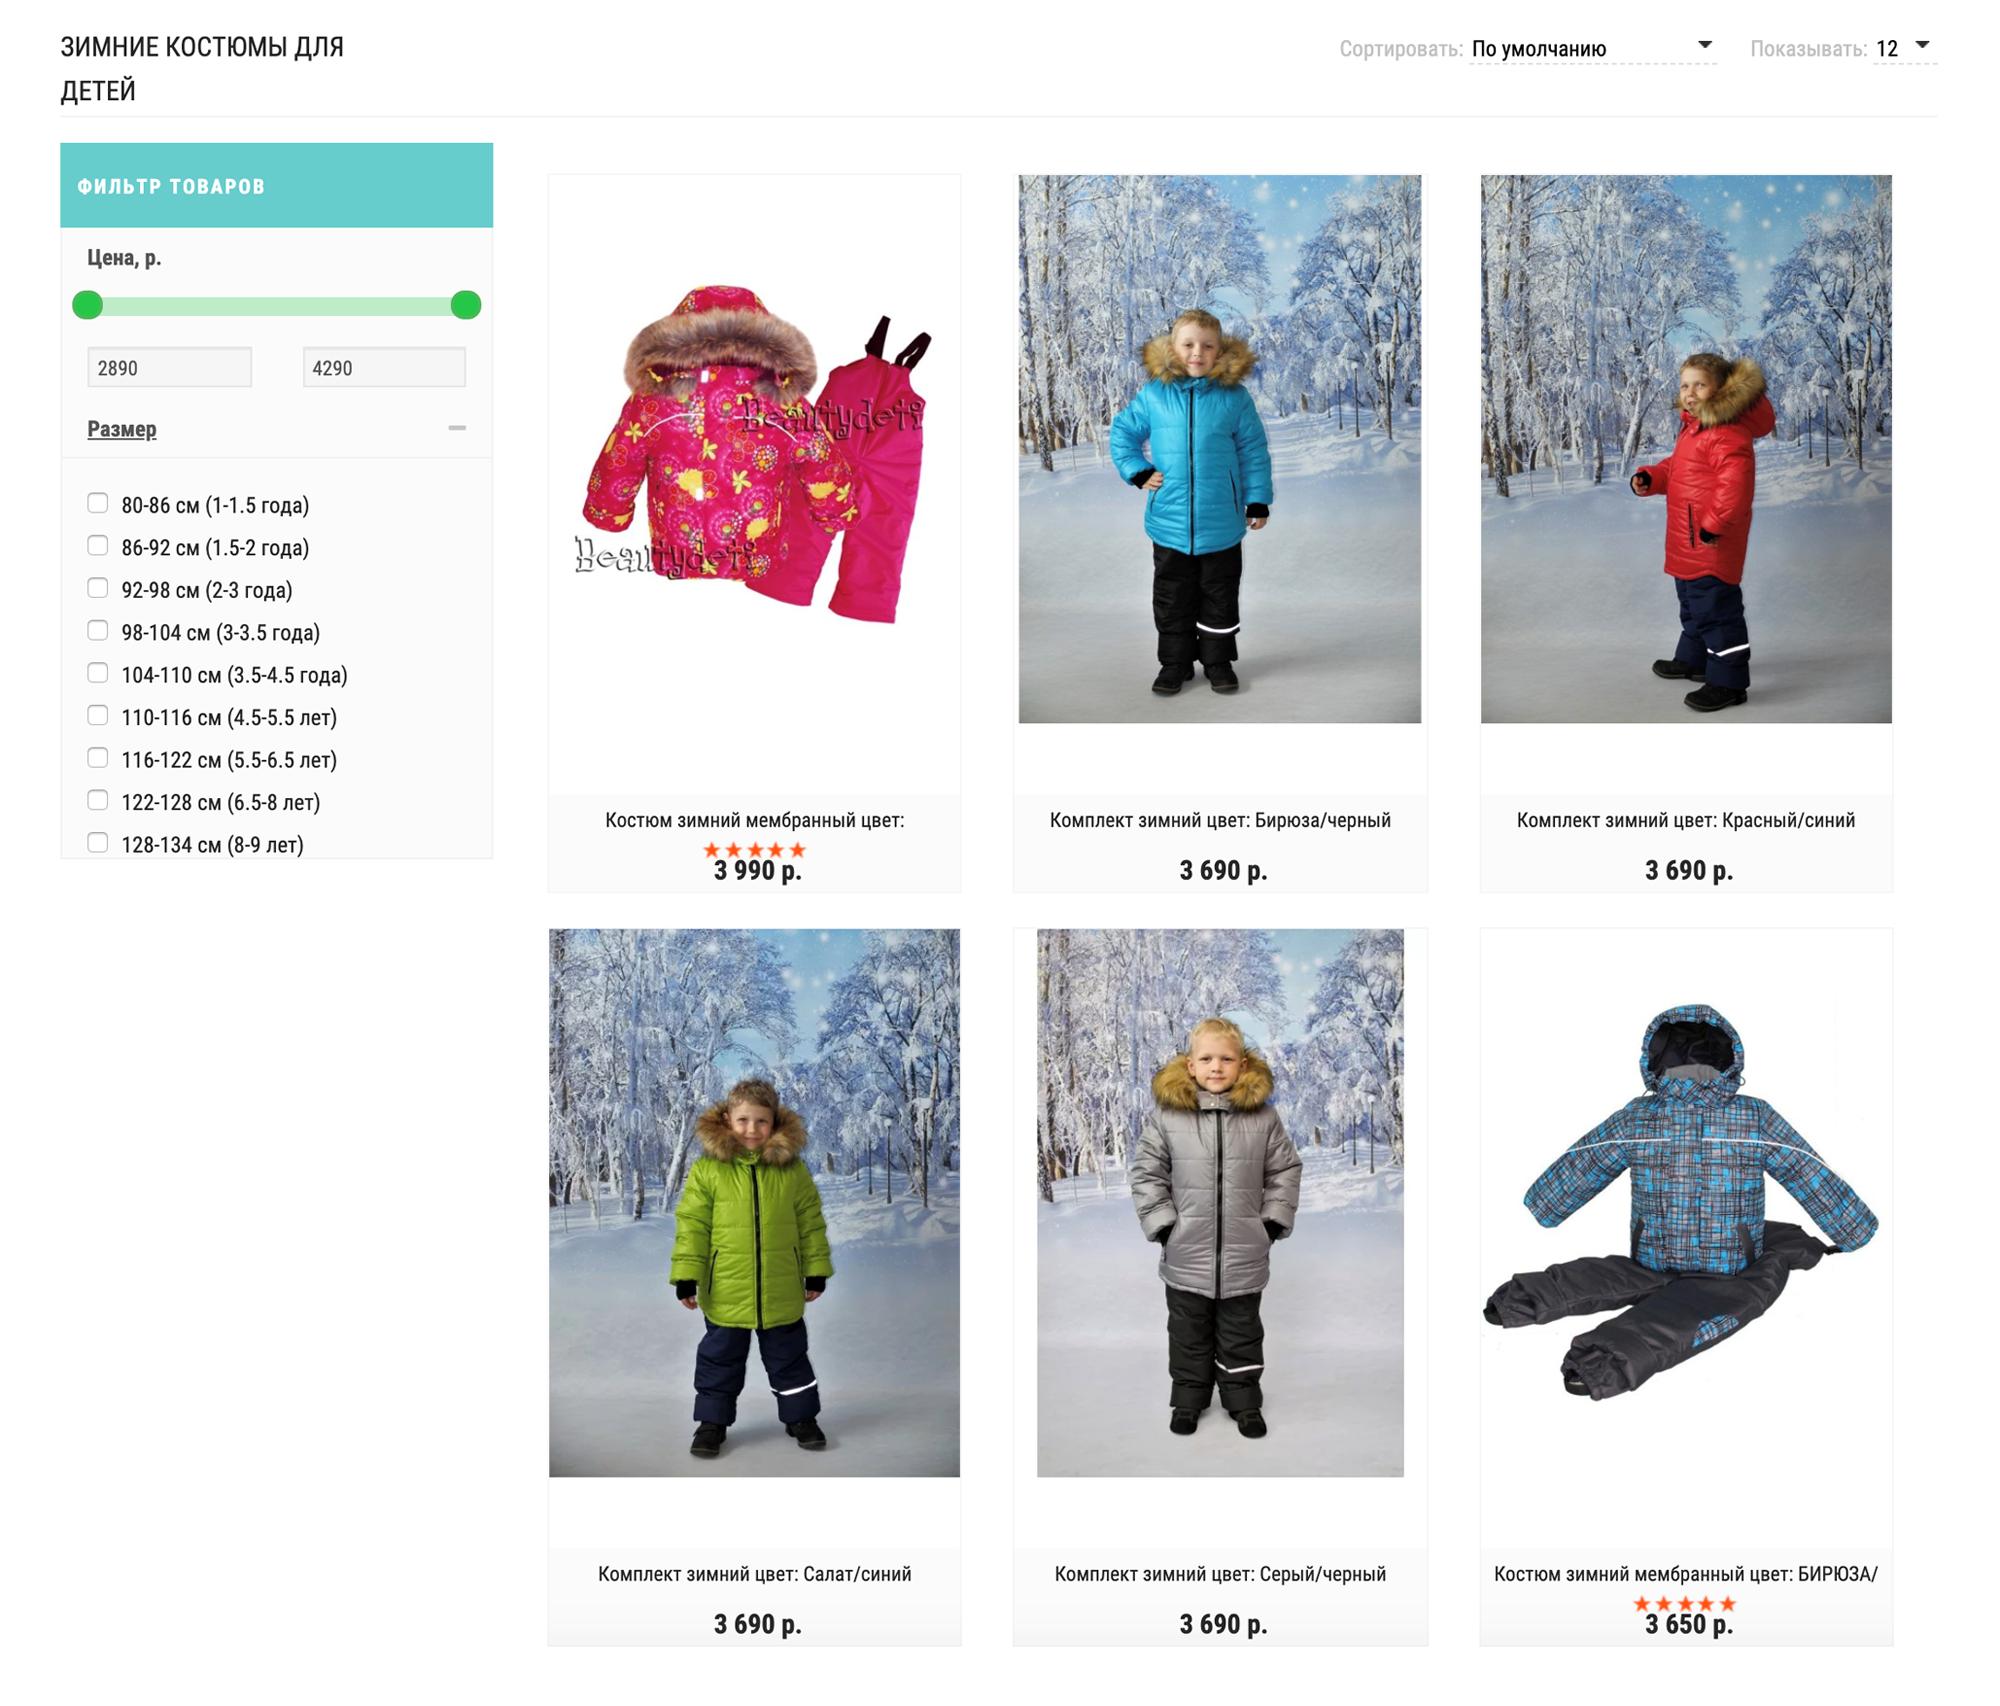 Детские зимние костюмы в интернет-магазине. В них не очень удобно кататься на лыжах, но они дешевле профессиональной формы